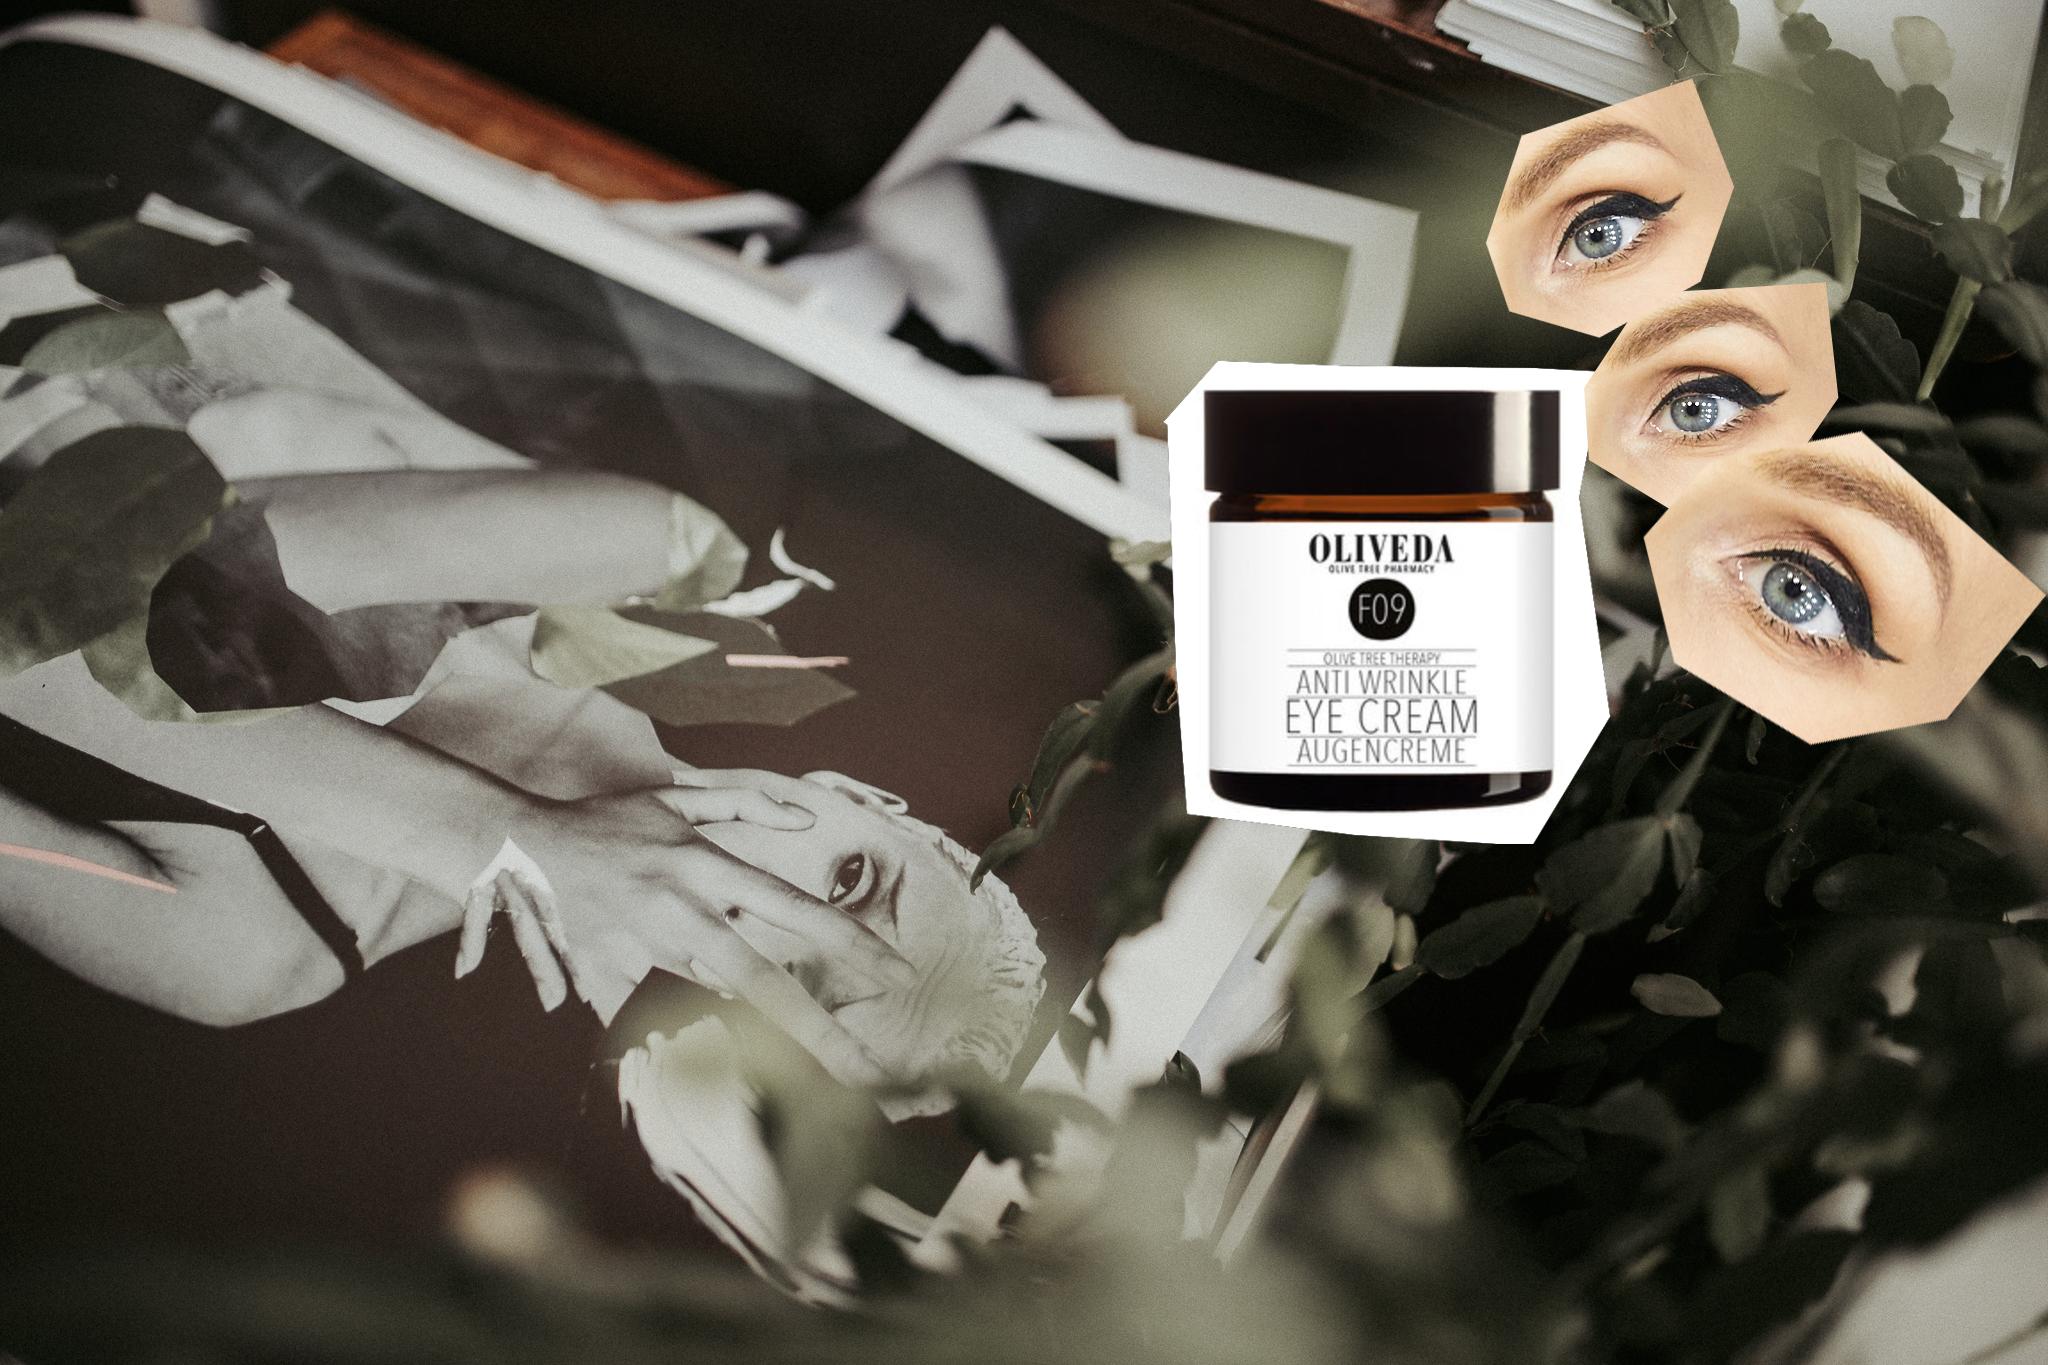 ALLE AUGEN AUF! - Die vielen Feiertage sind schon etwas tolles, heißen für mich aber auch zu wenig Schlaf, den man mir besonders an den Augen leider schnell ansieht. Bereits seit einigen Jahren ist der wohl wichtigste Bestandteil meiner Beauty-Routine deshalb meine Augencreme. Passend dazu möchte ich euch heute ein paar Infos zum Thema Augenpflege geben und habe zum Schluss noch eine Überraschung für euch ;)LOS GEHT'S